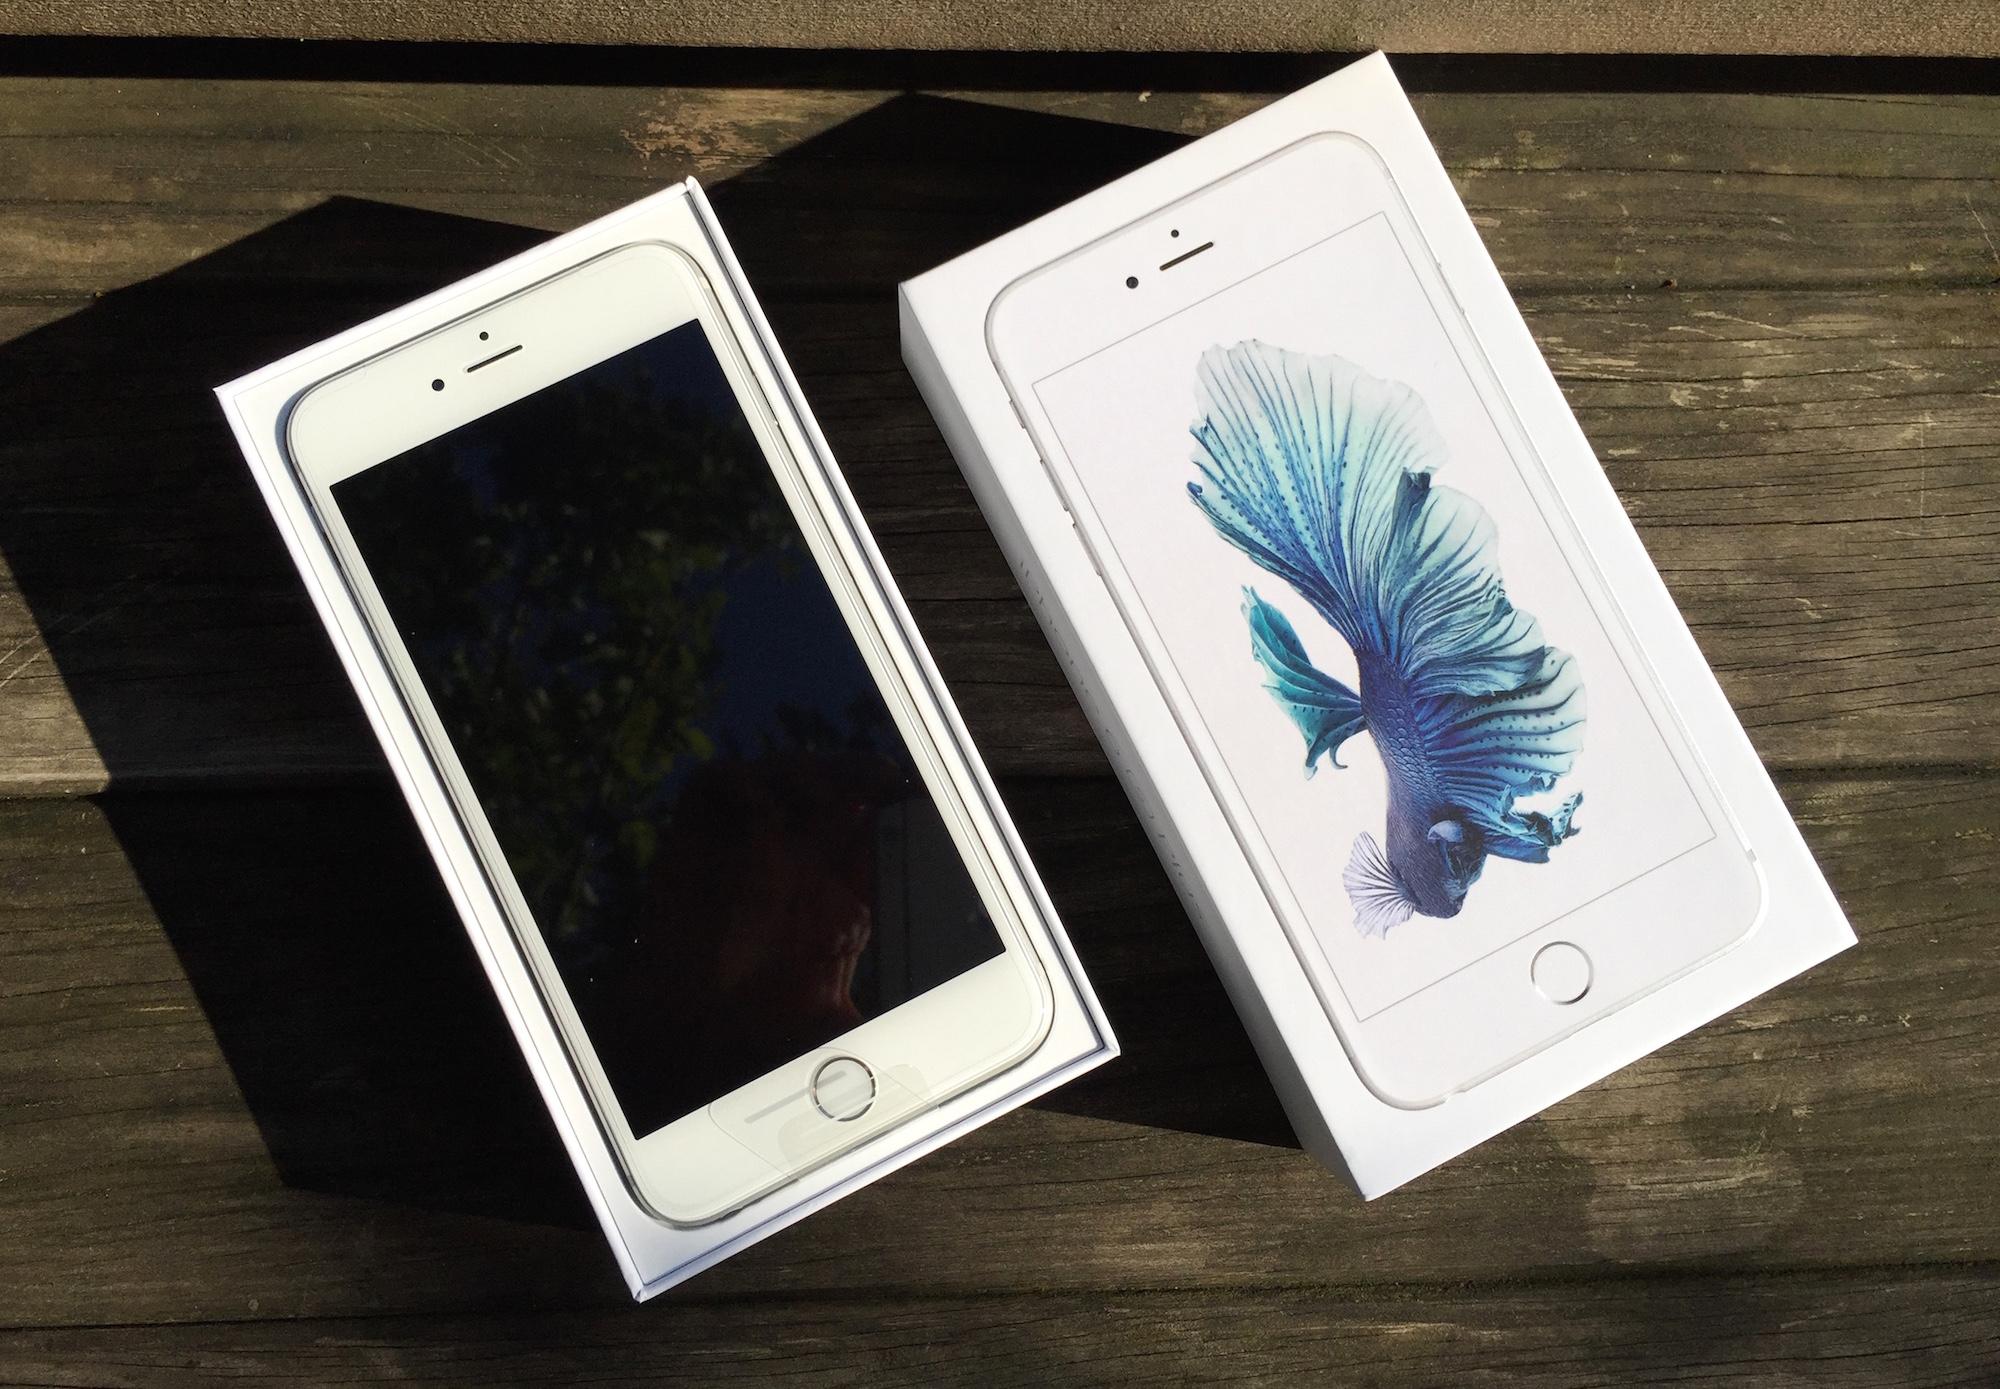 MJ Vido LiPhone 6s Plus Photos Au Dballage Et Aux